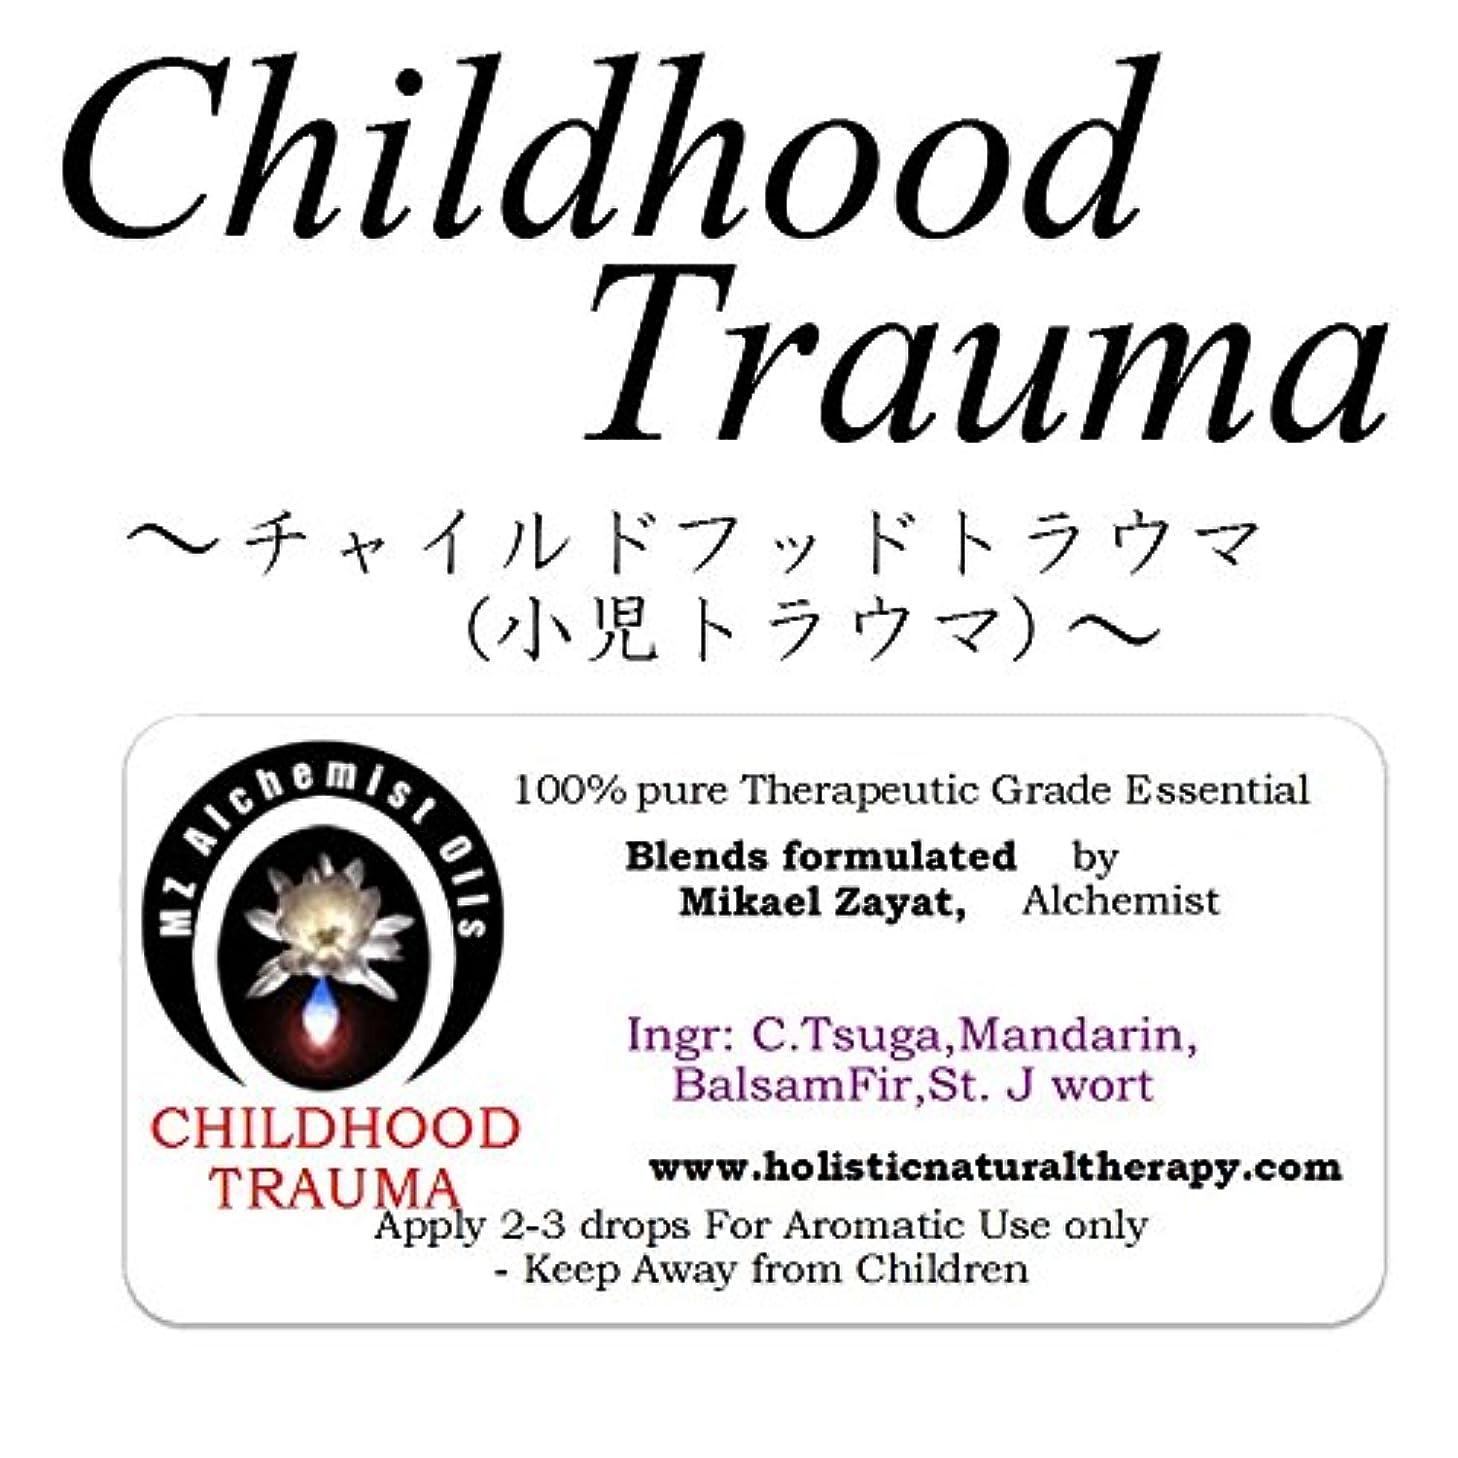 破裂嵐が丘赤外線ミカエルザヤットアルケミストオイル セラピストグレードアロマオイル Childhood Trauma-チャイルドフット?トラウマ(小児トラウマ)- 4ml